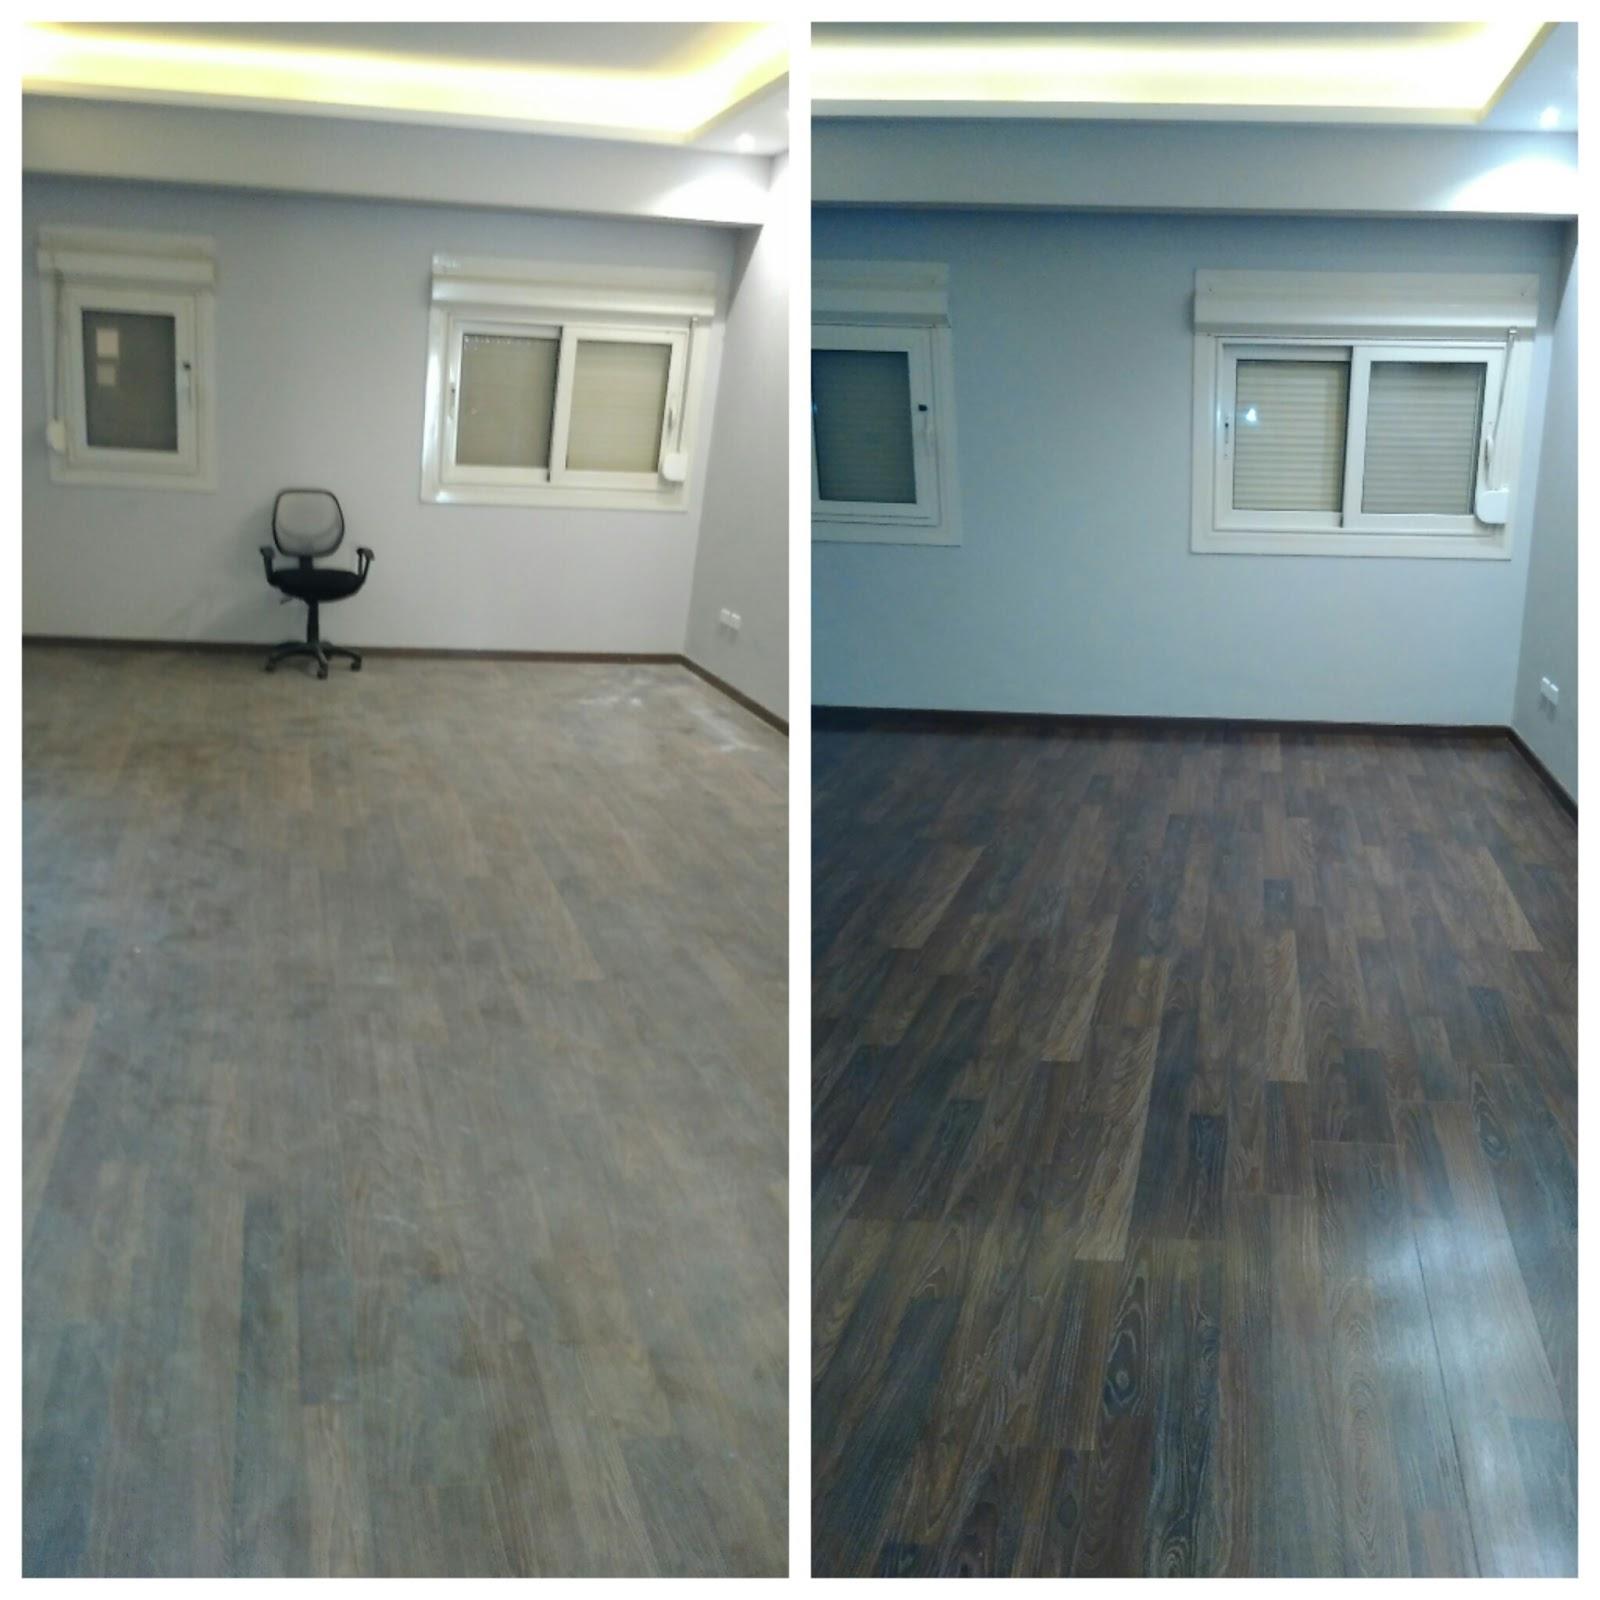 شركة تنظيف منازل بالرياض 0559122522